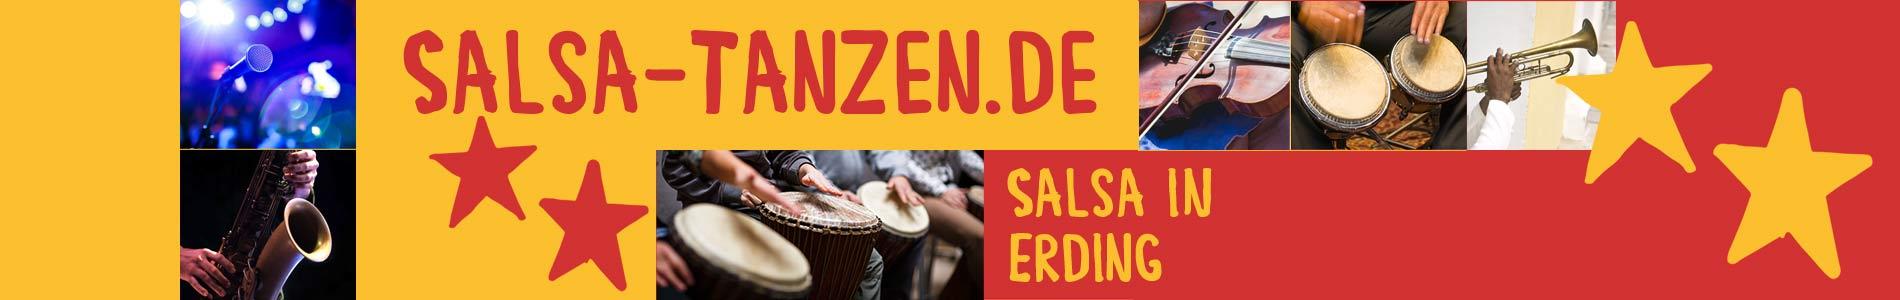 Salsa in Erding – Salsa lernen und tanzen, Tanzkurse, Partys, Veranstaltungen